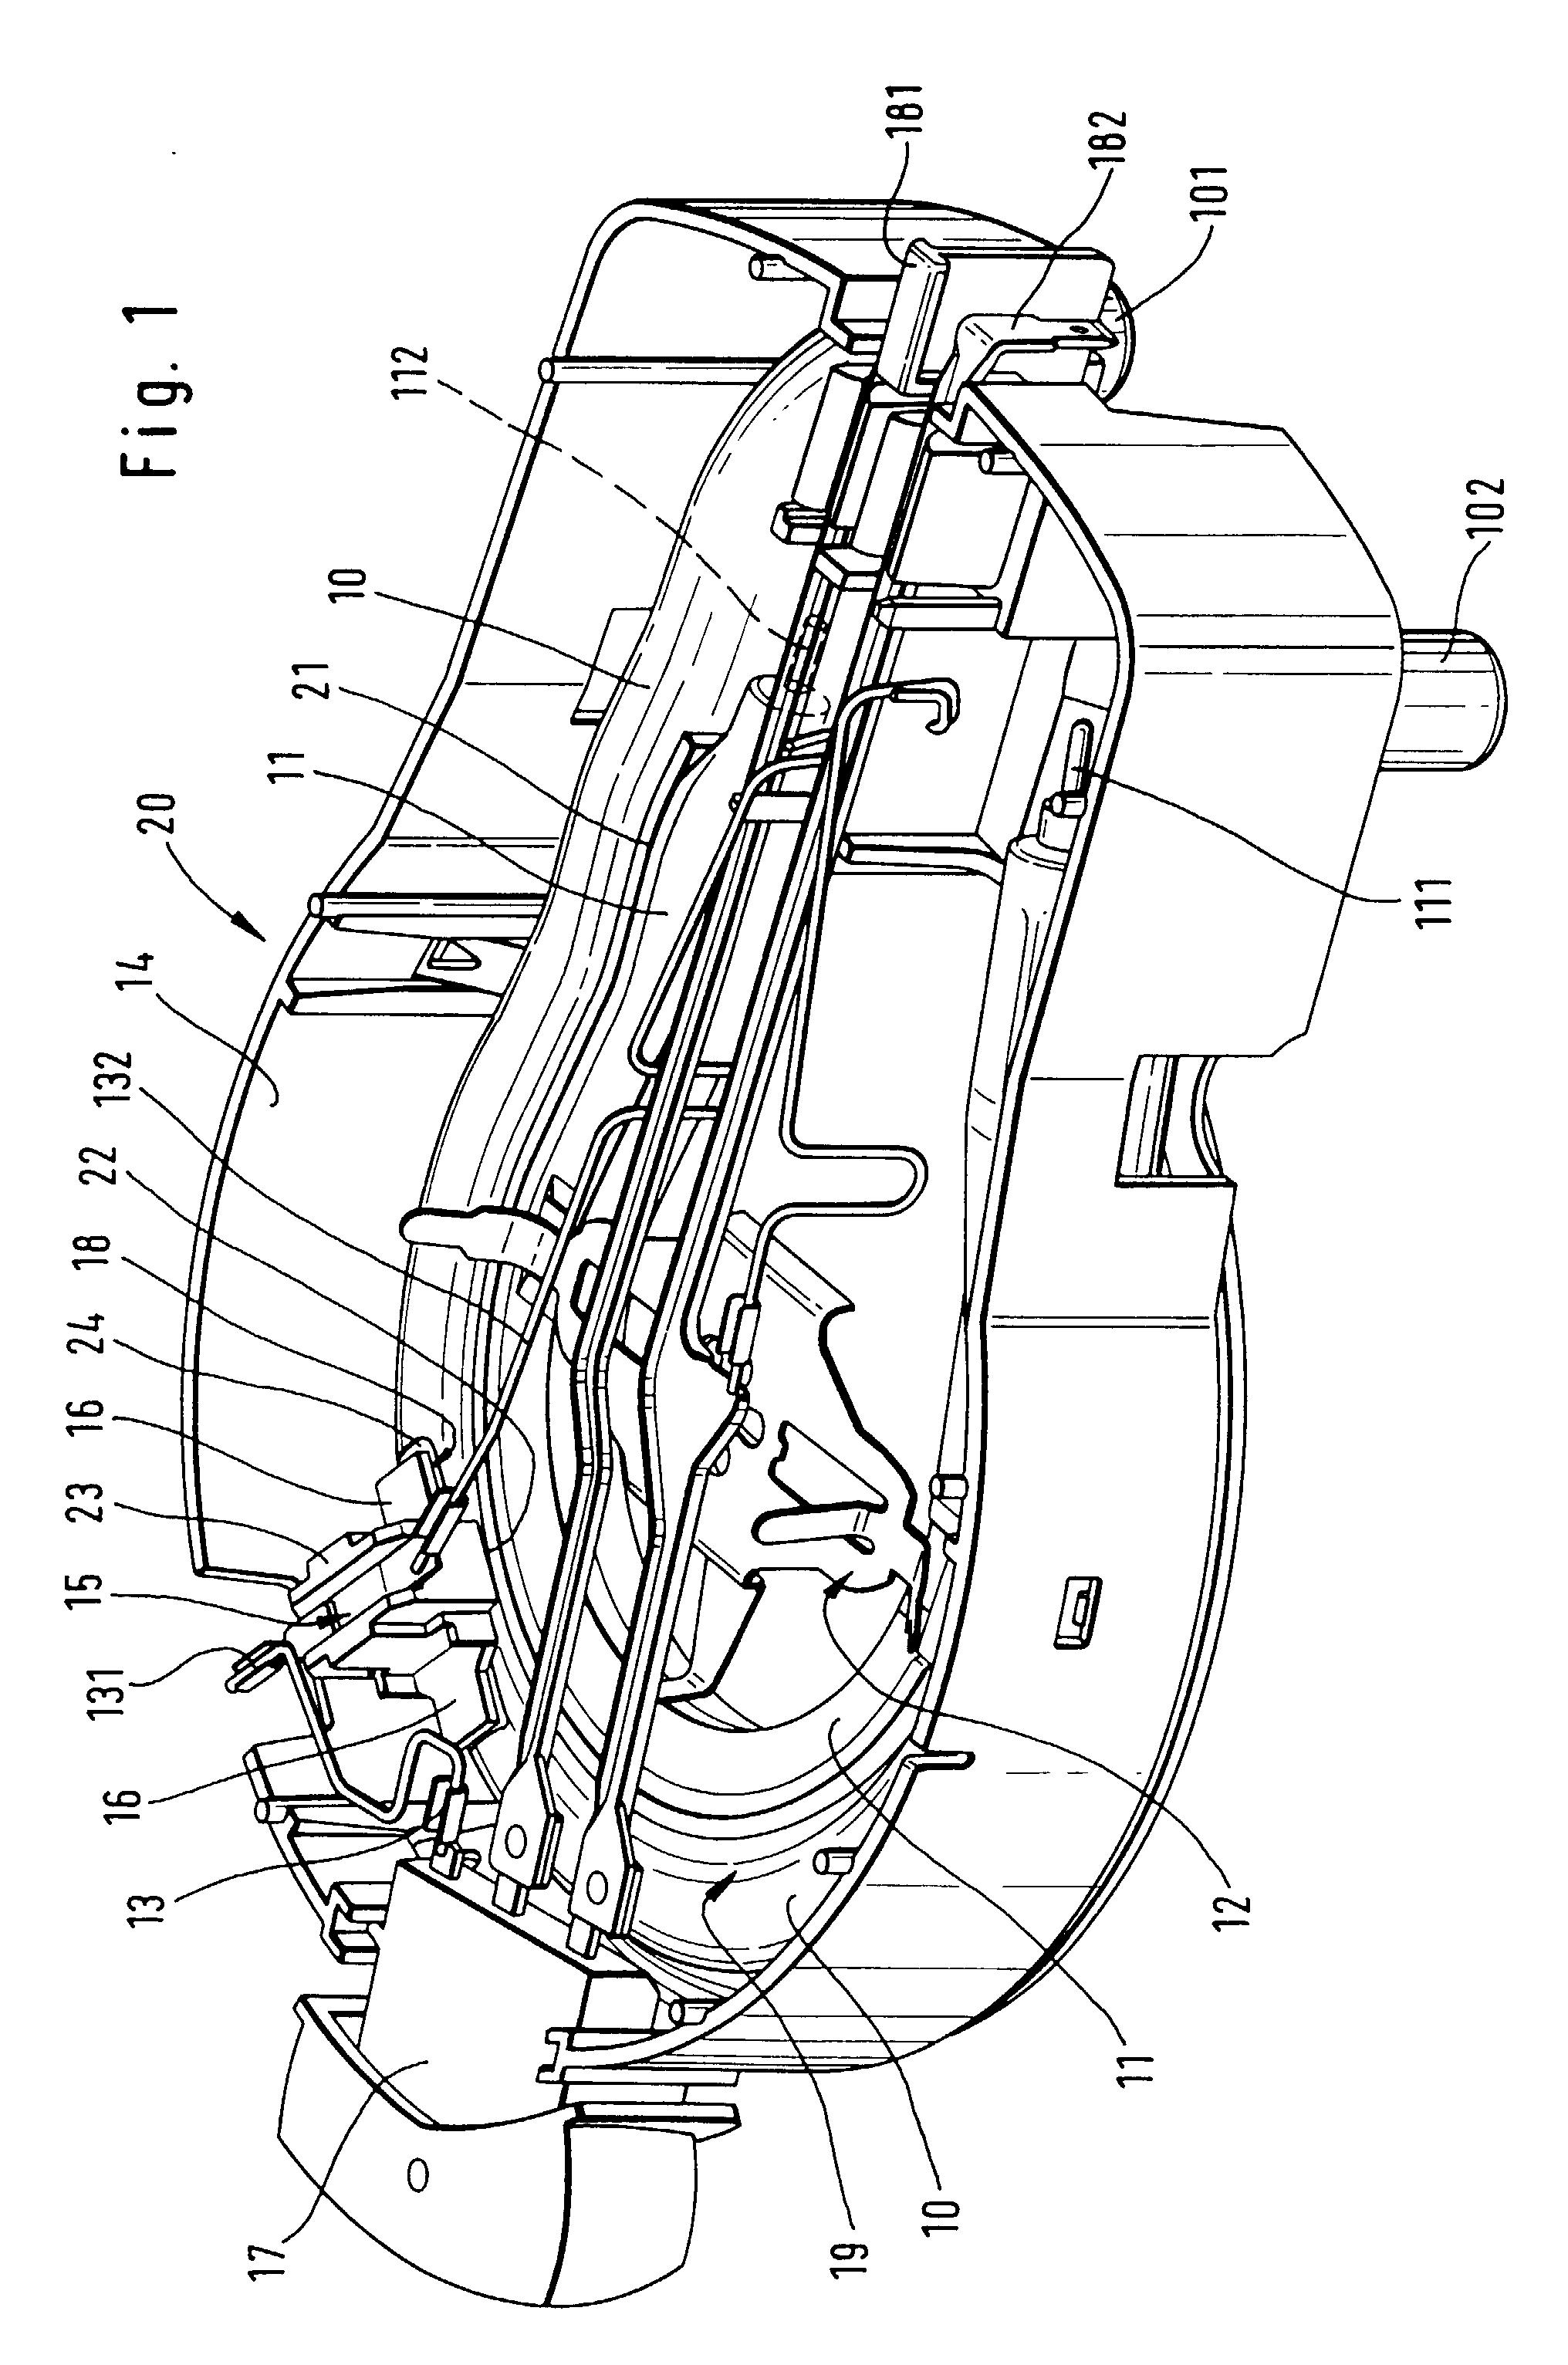 patent ep1002491a1 durchlauferhitzer f r ein wassererhitzendes haushaltsger t google patentsuche. Black Bedroom Furniture Sets. Home Design Ideas